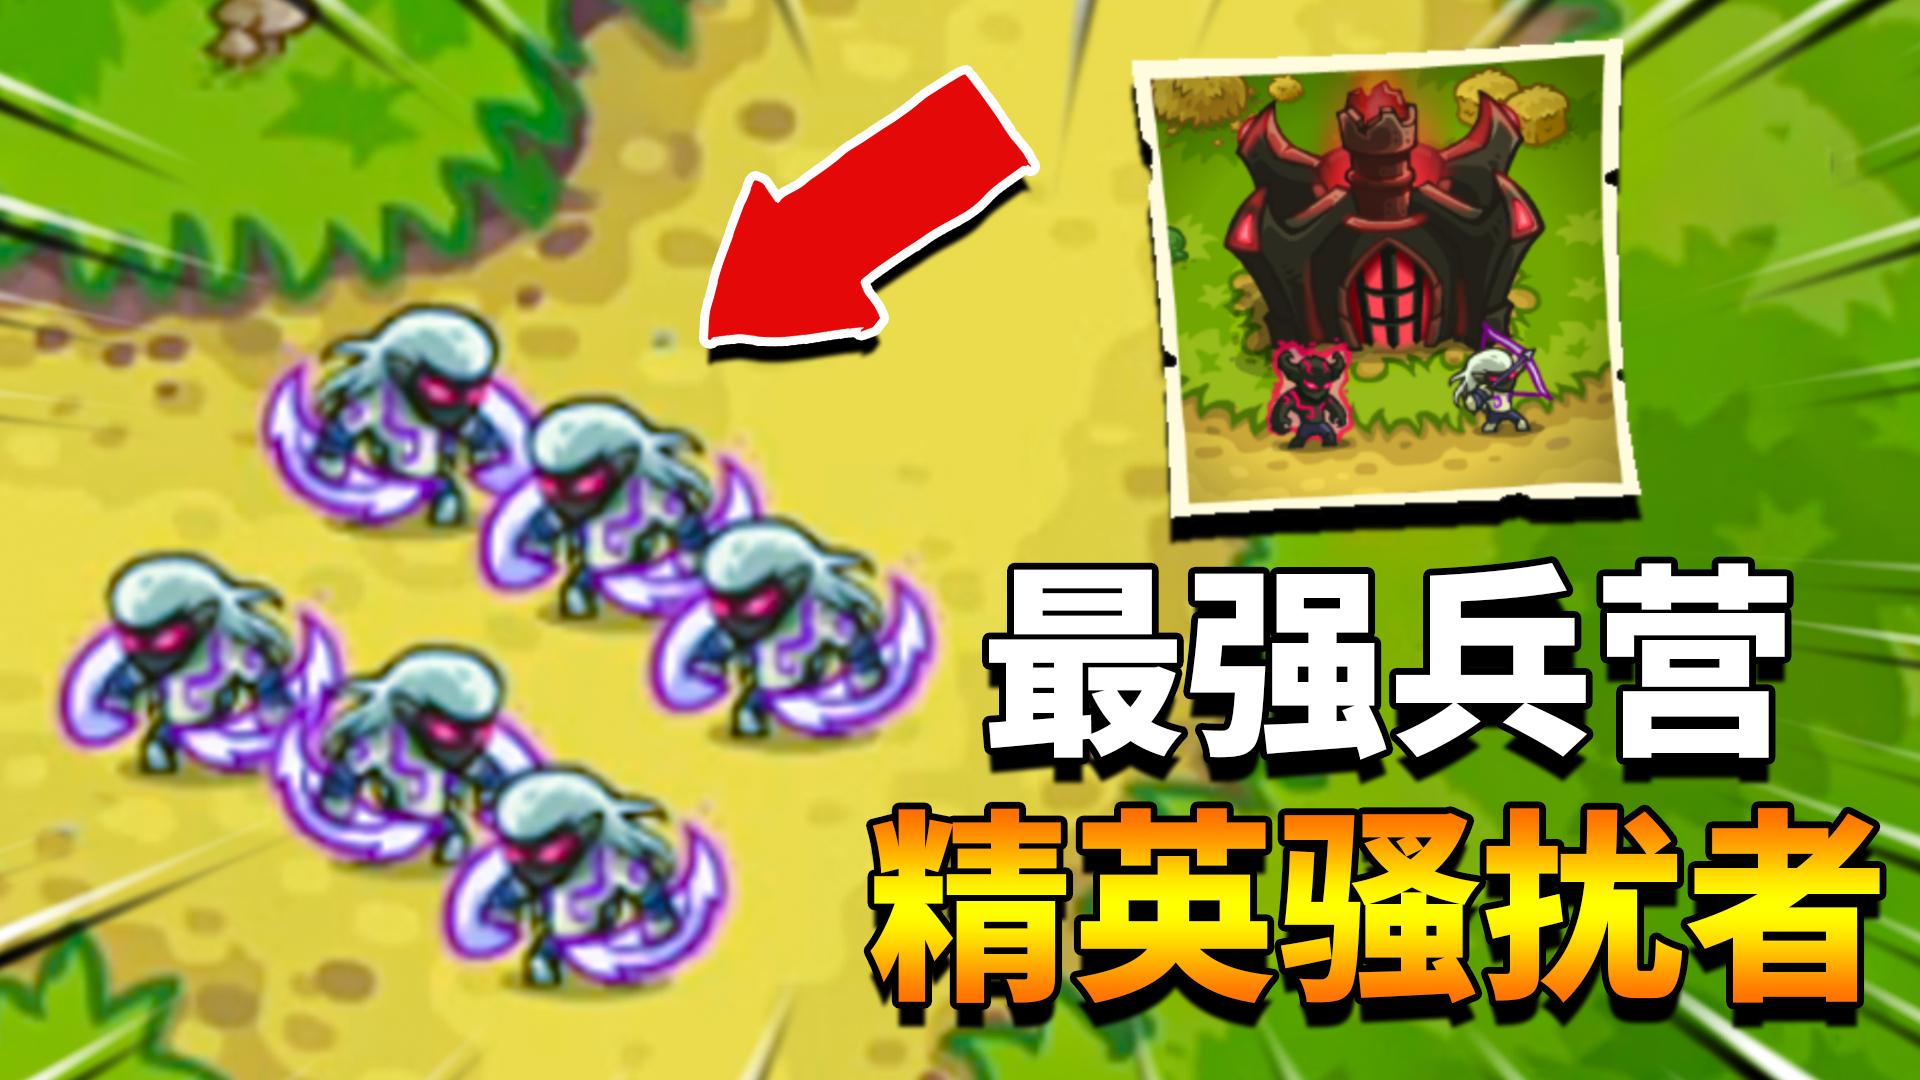 王国保卫战复仇10:最强兵营精英骚扰者,百步穿杨万箭穿心!